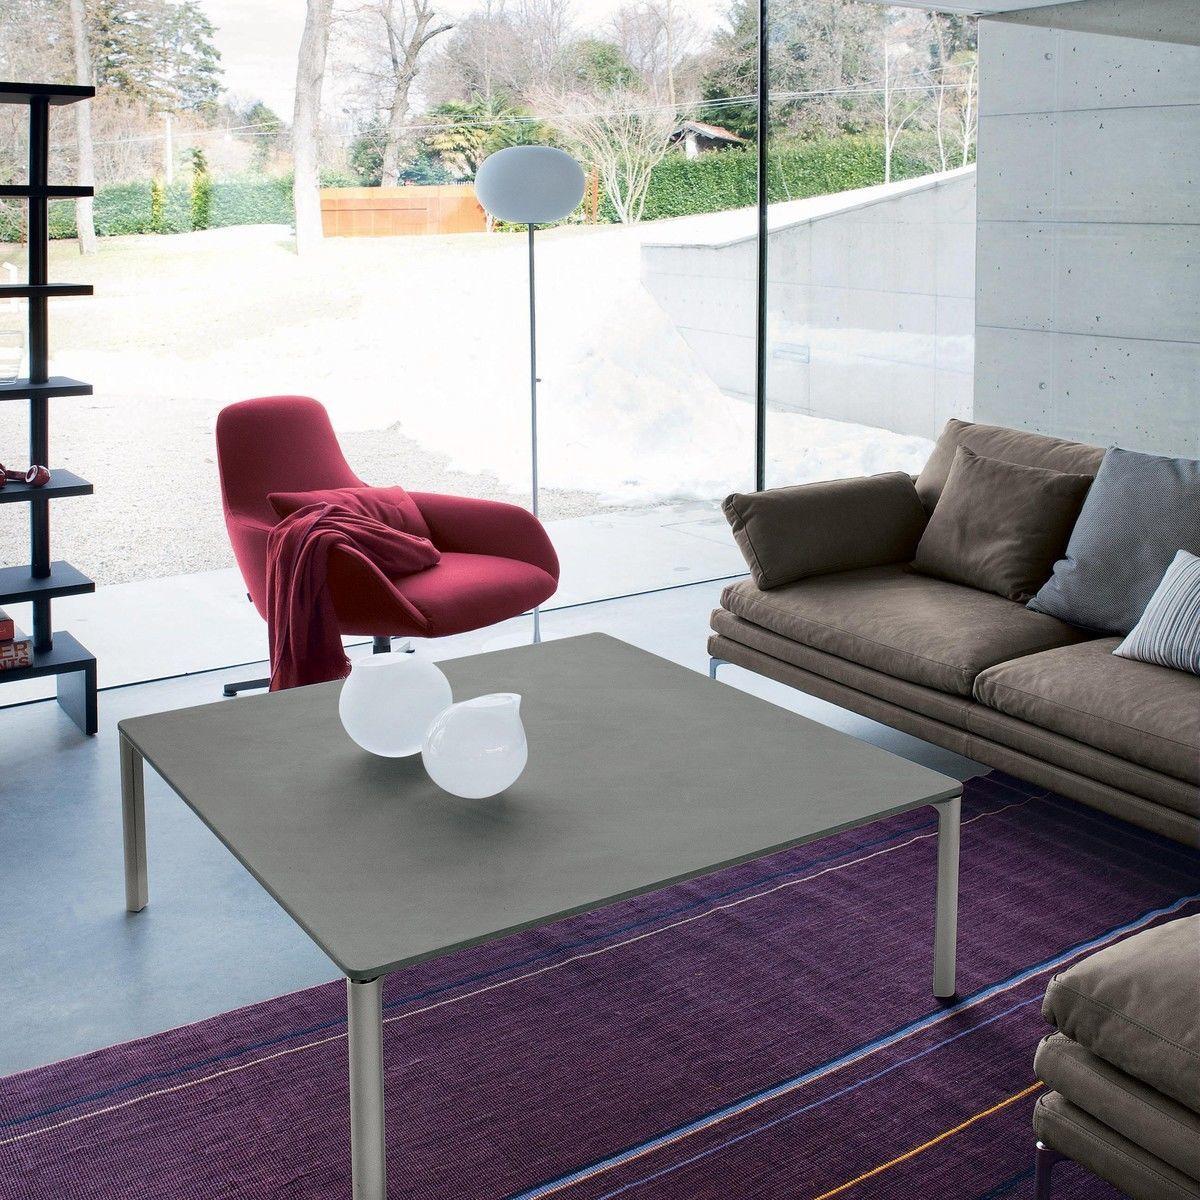 spillino couchtisch zanotta. Black Bedroom Furniture Sets. Home Design Ideas